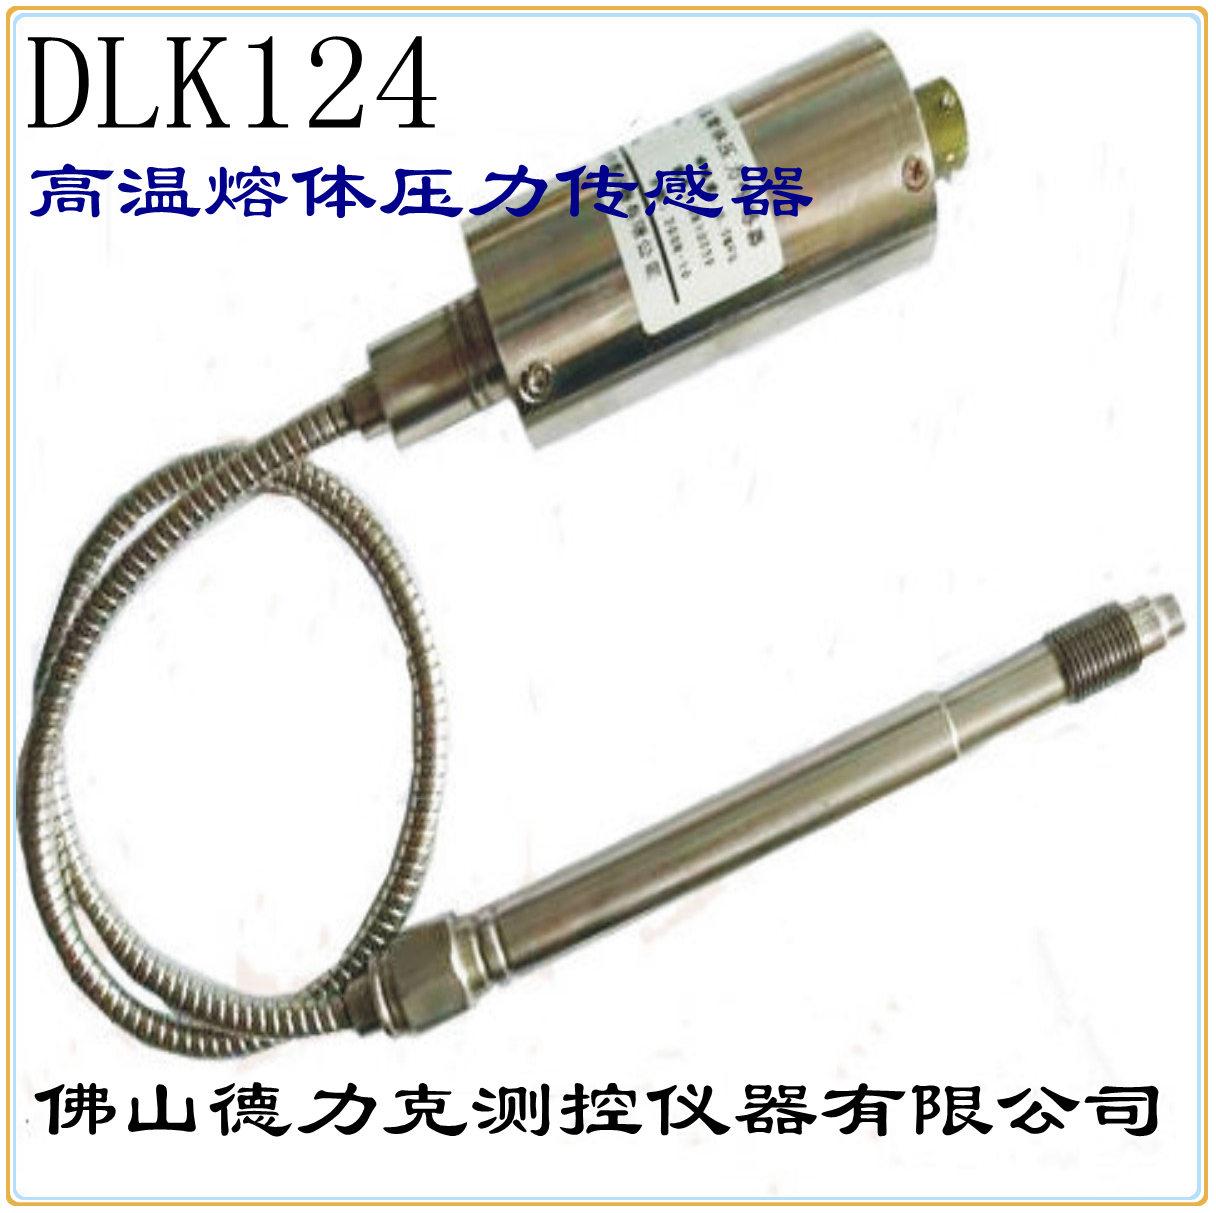 沥青压力传感器